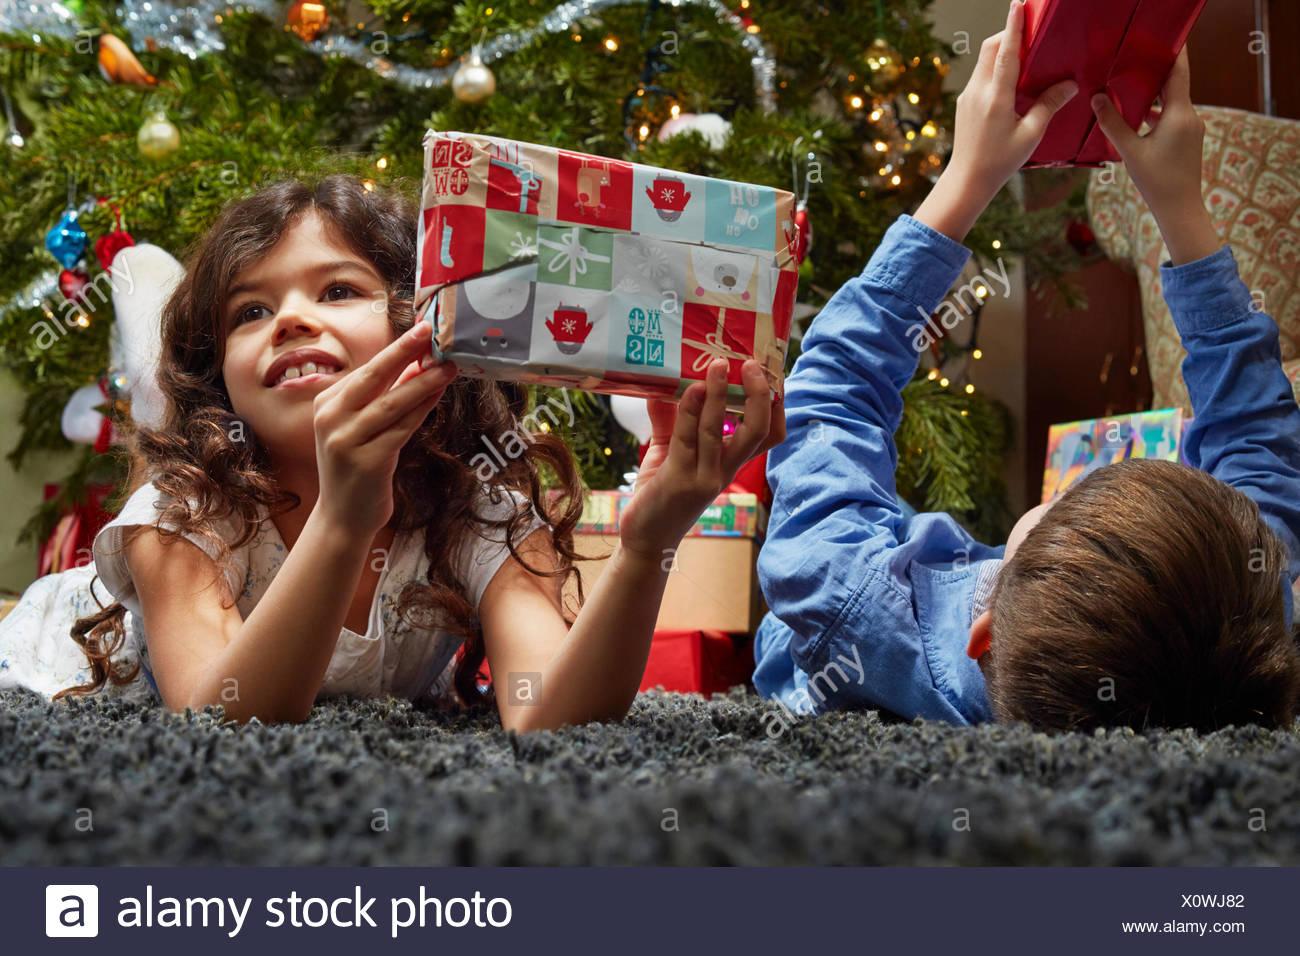 Regali Di Natale Fratello.Sorella E Fratello Giacente In Salotto Tenendo Su Regali Di Natale